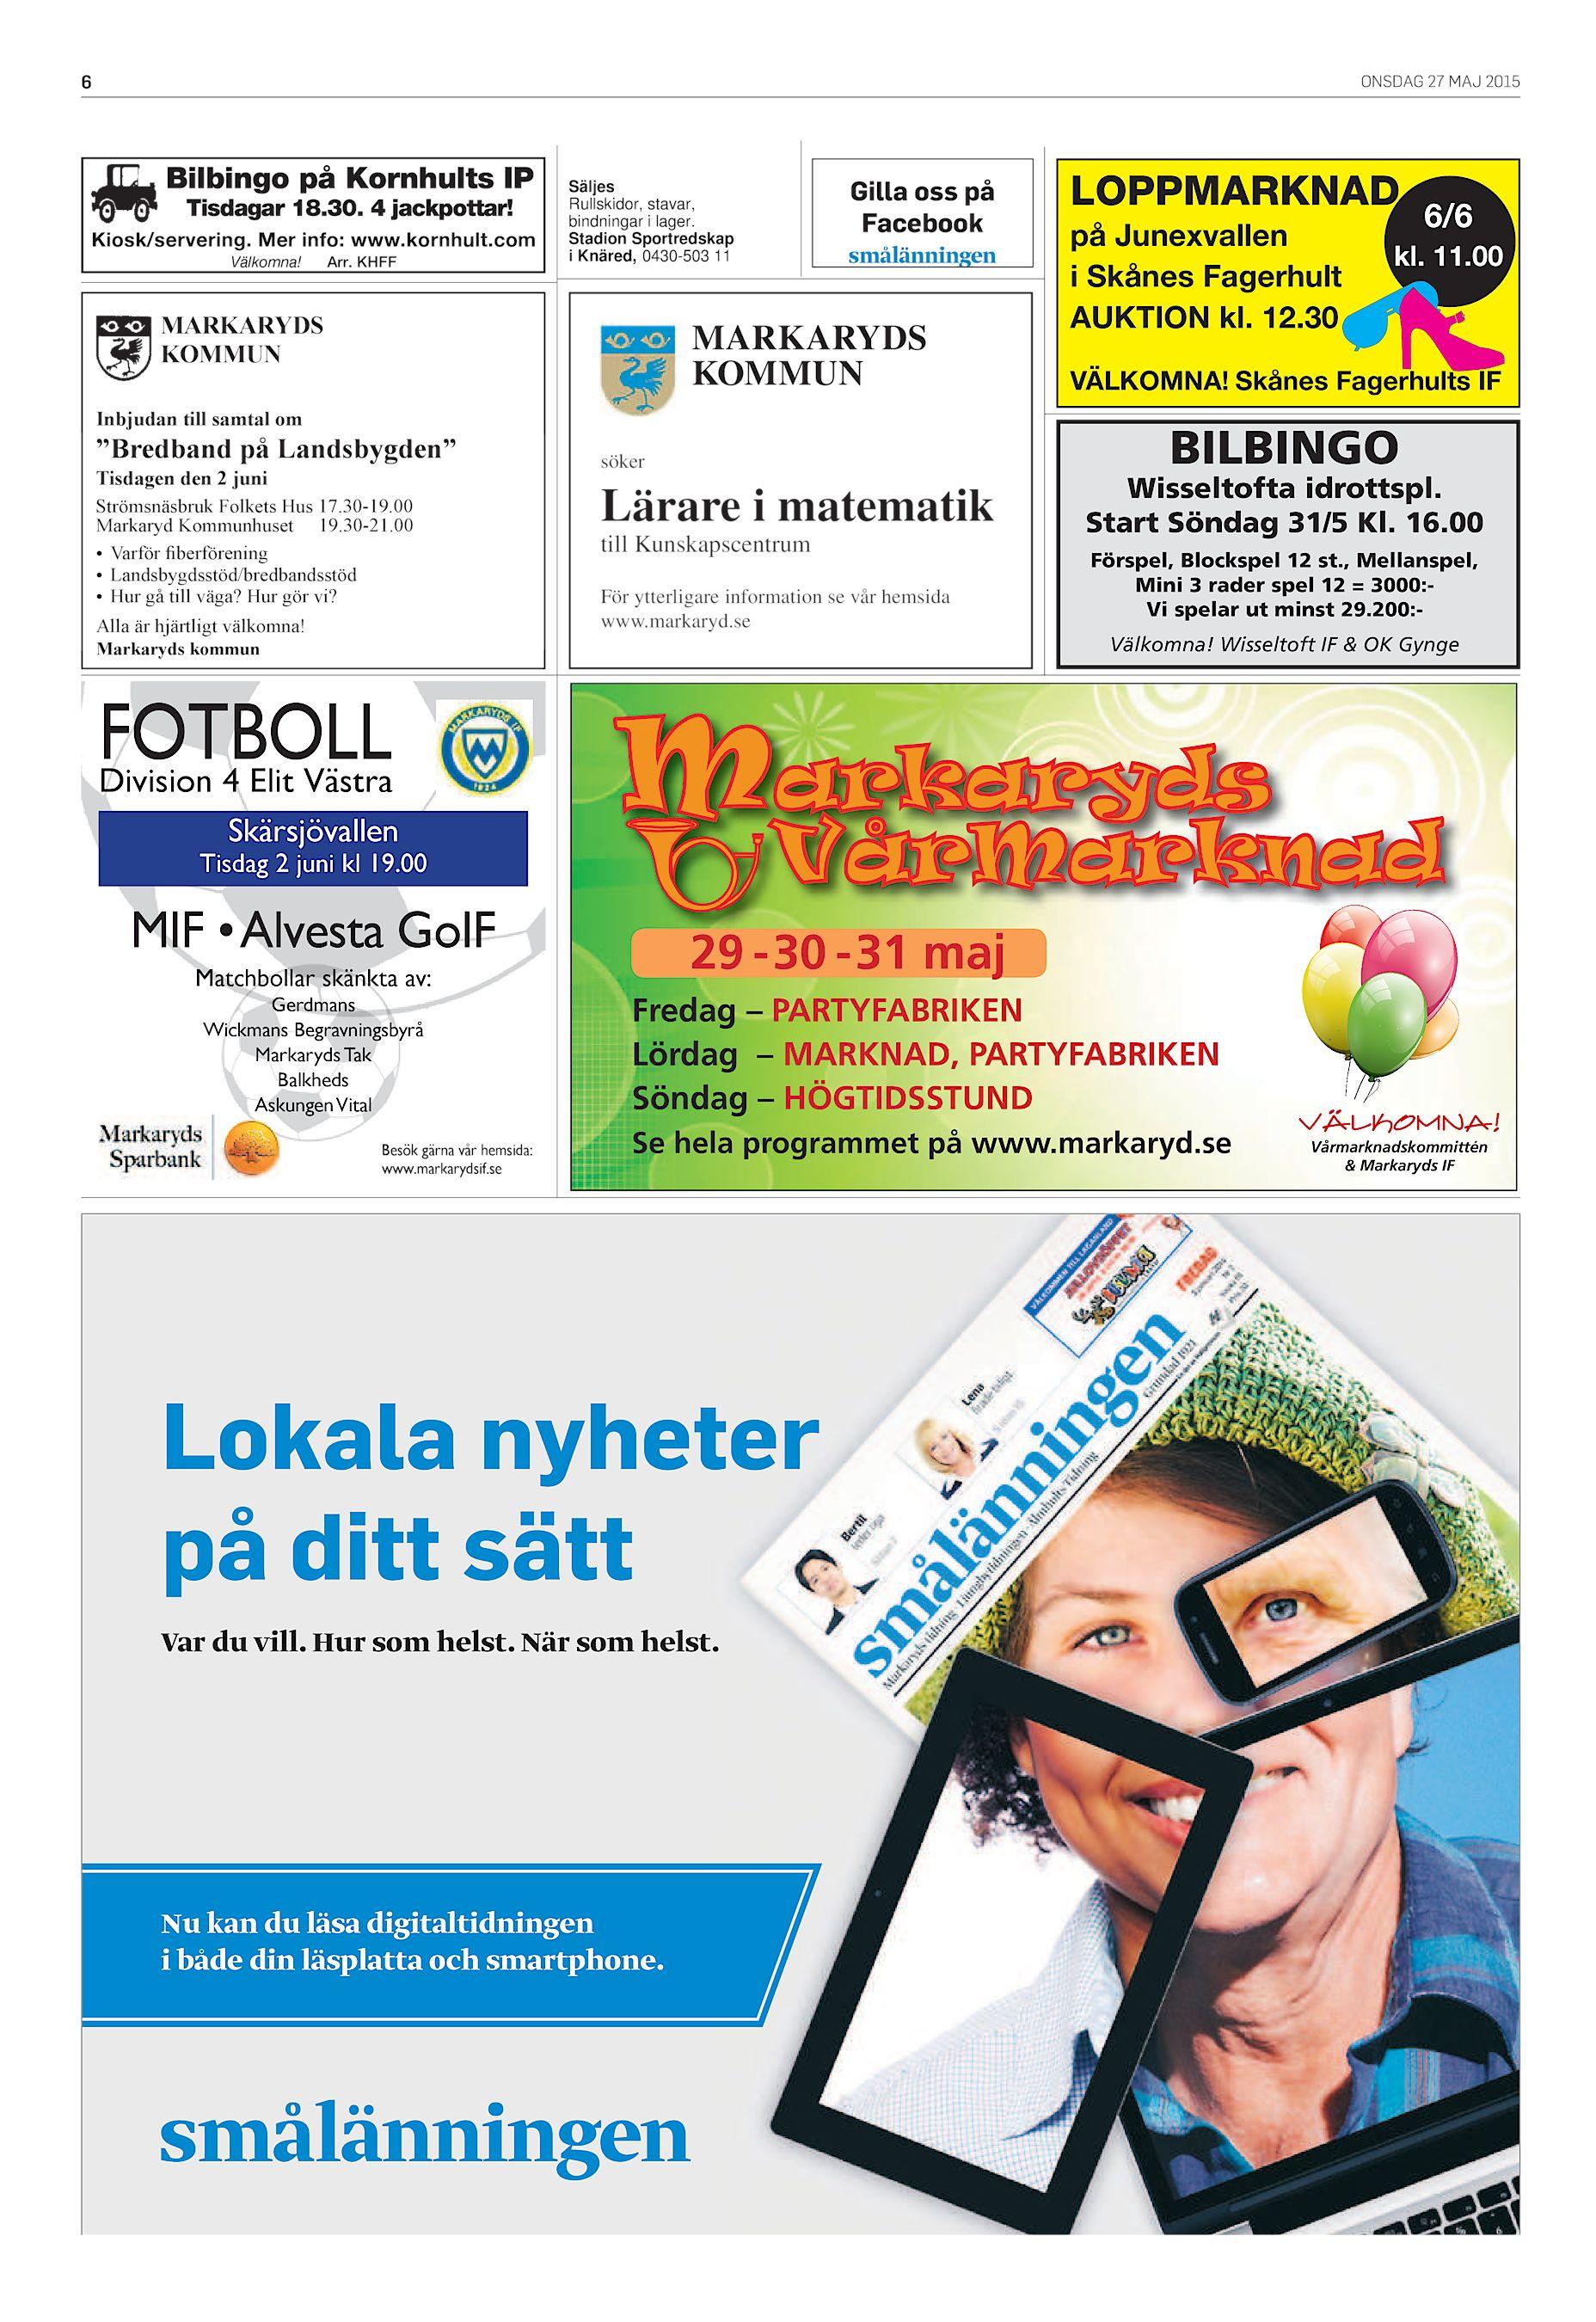 Veckobladet SV-20150527 (endast text) e14d5e4d05071